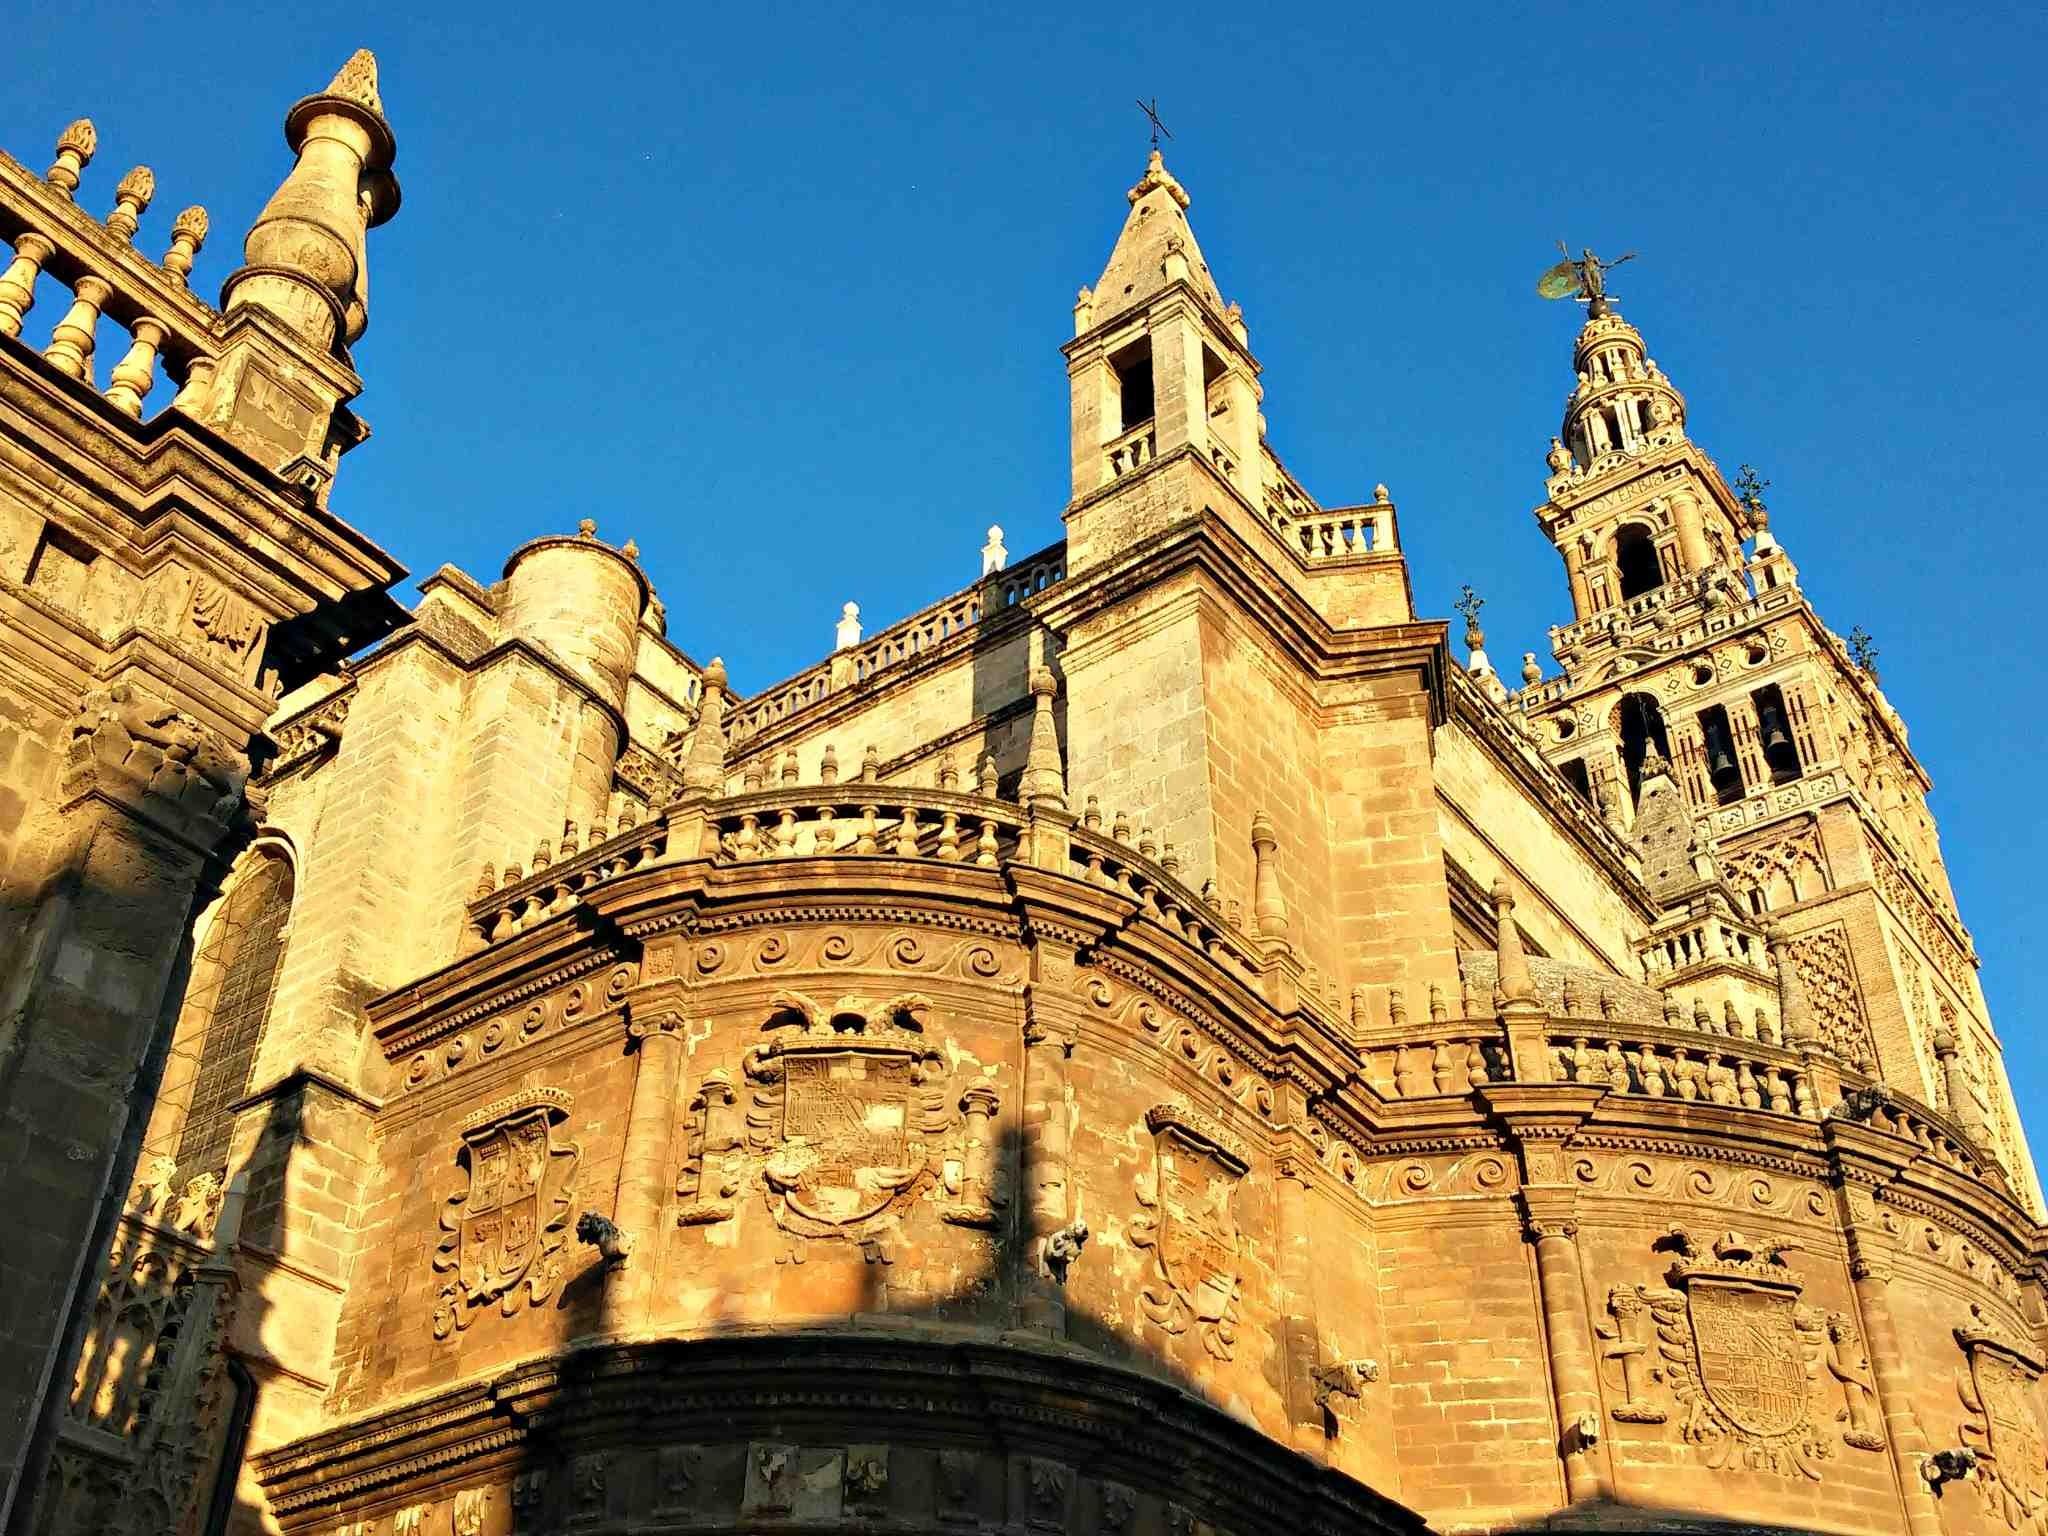 Vista de la Catedral de Sevilla con la Giralda